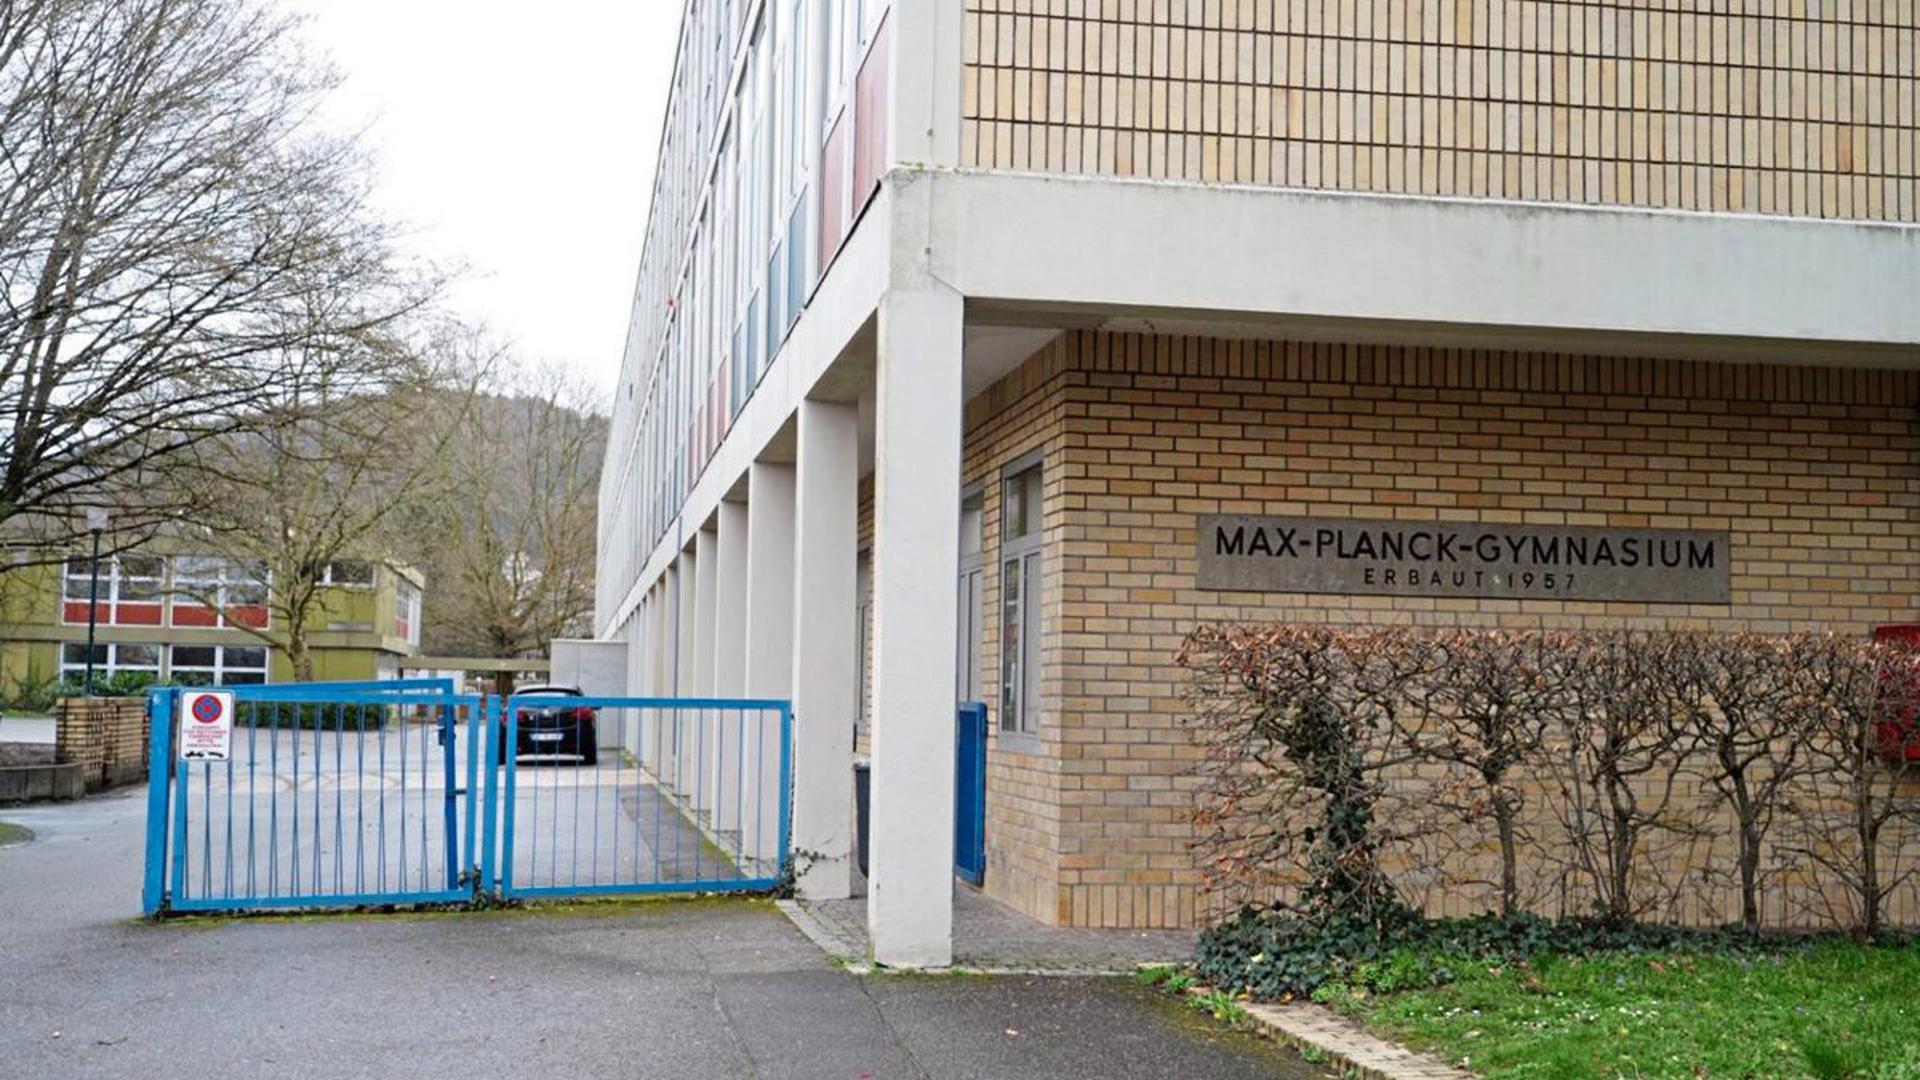 Das Max-Planck-Gymnasium in Lahr bleibt wegen des Coronavirus für 14 Tage geschlossen.